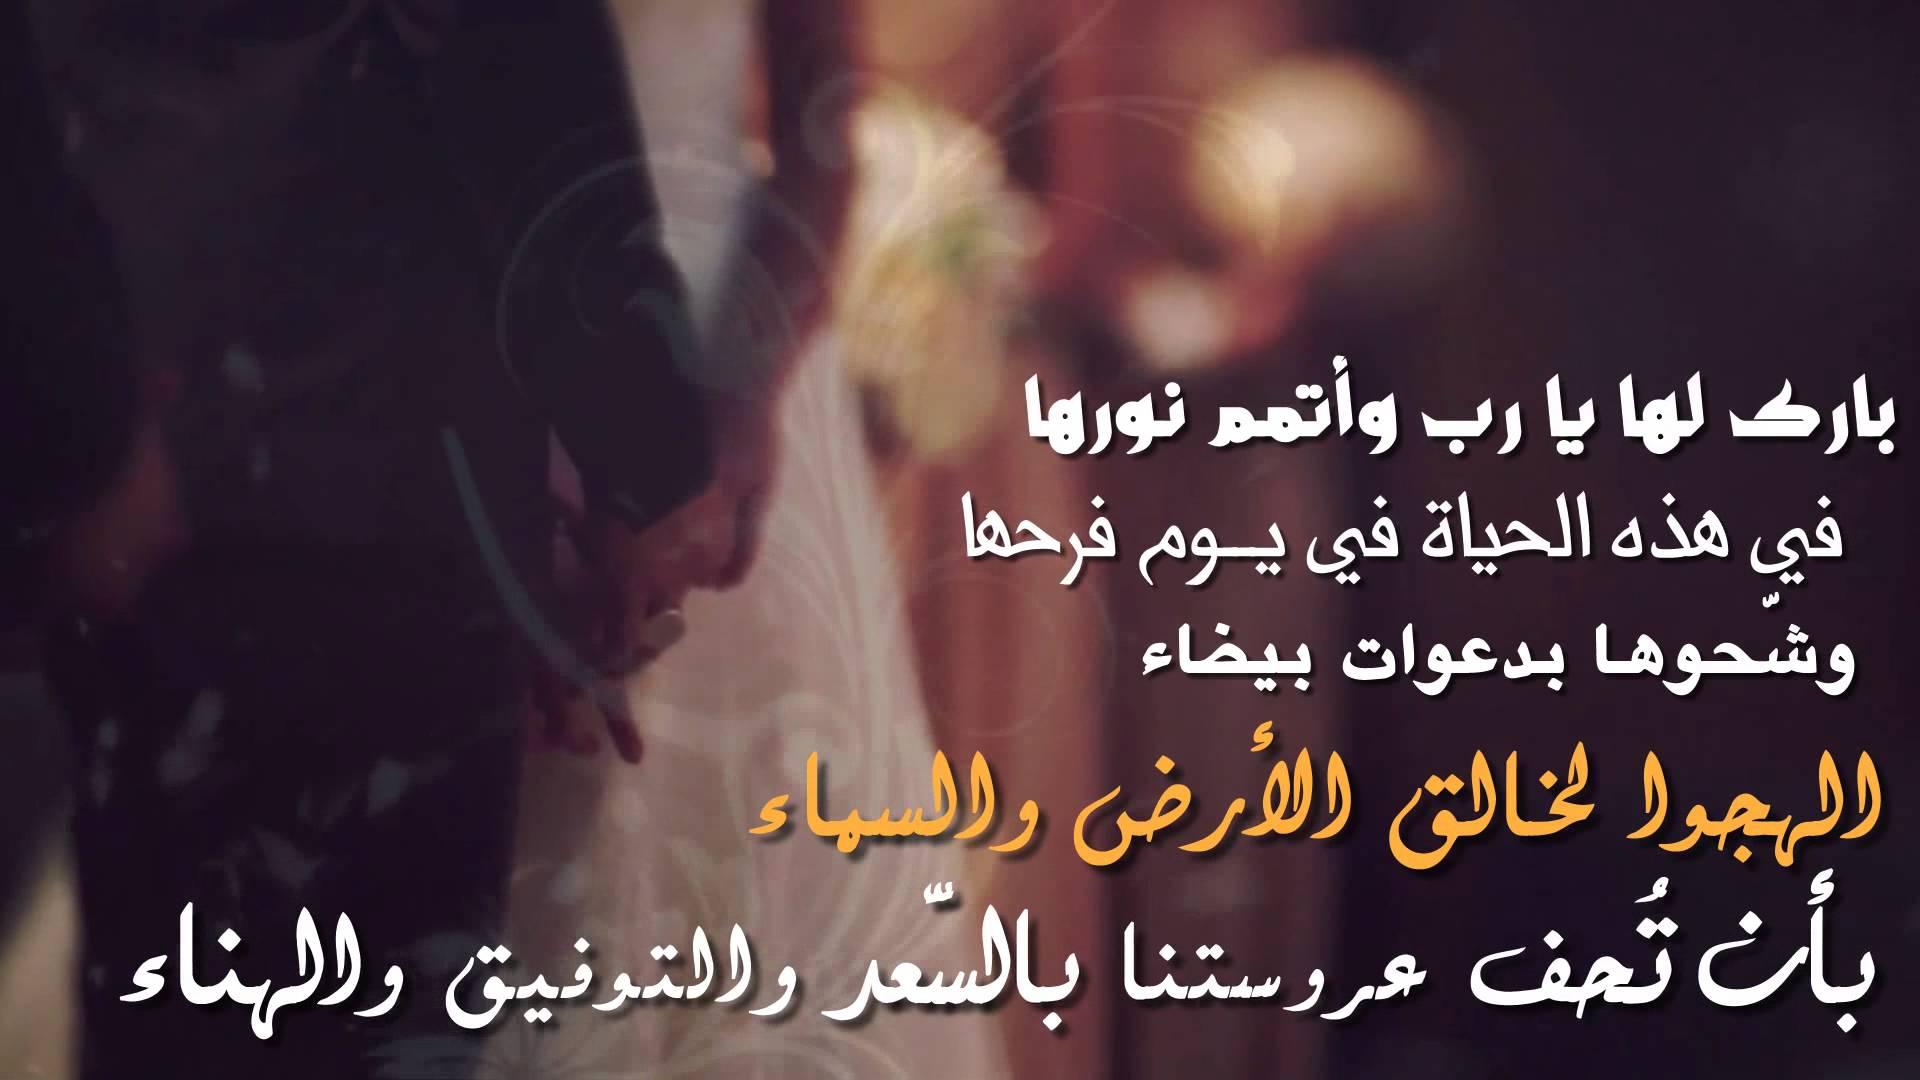 بالصور كلمات للعروس من صديقتها , عبارات مباركة للعروص من صديقتها 4210 4